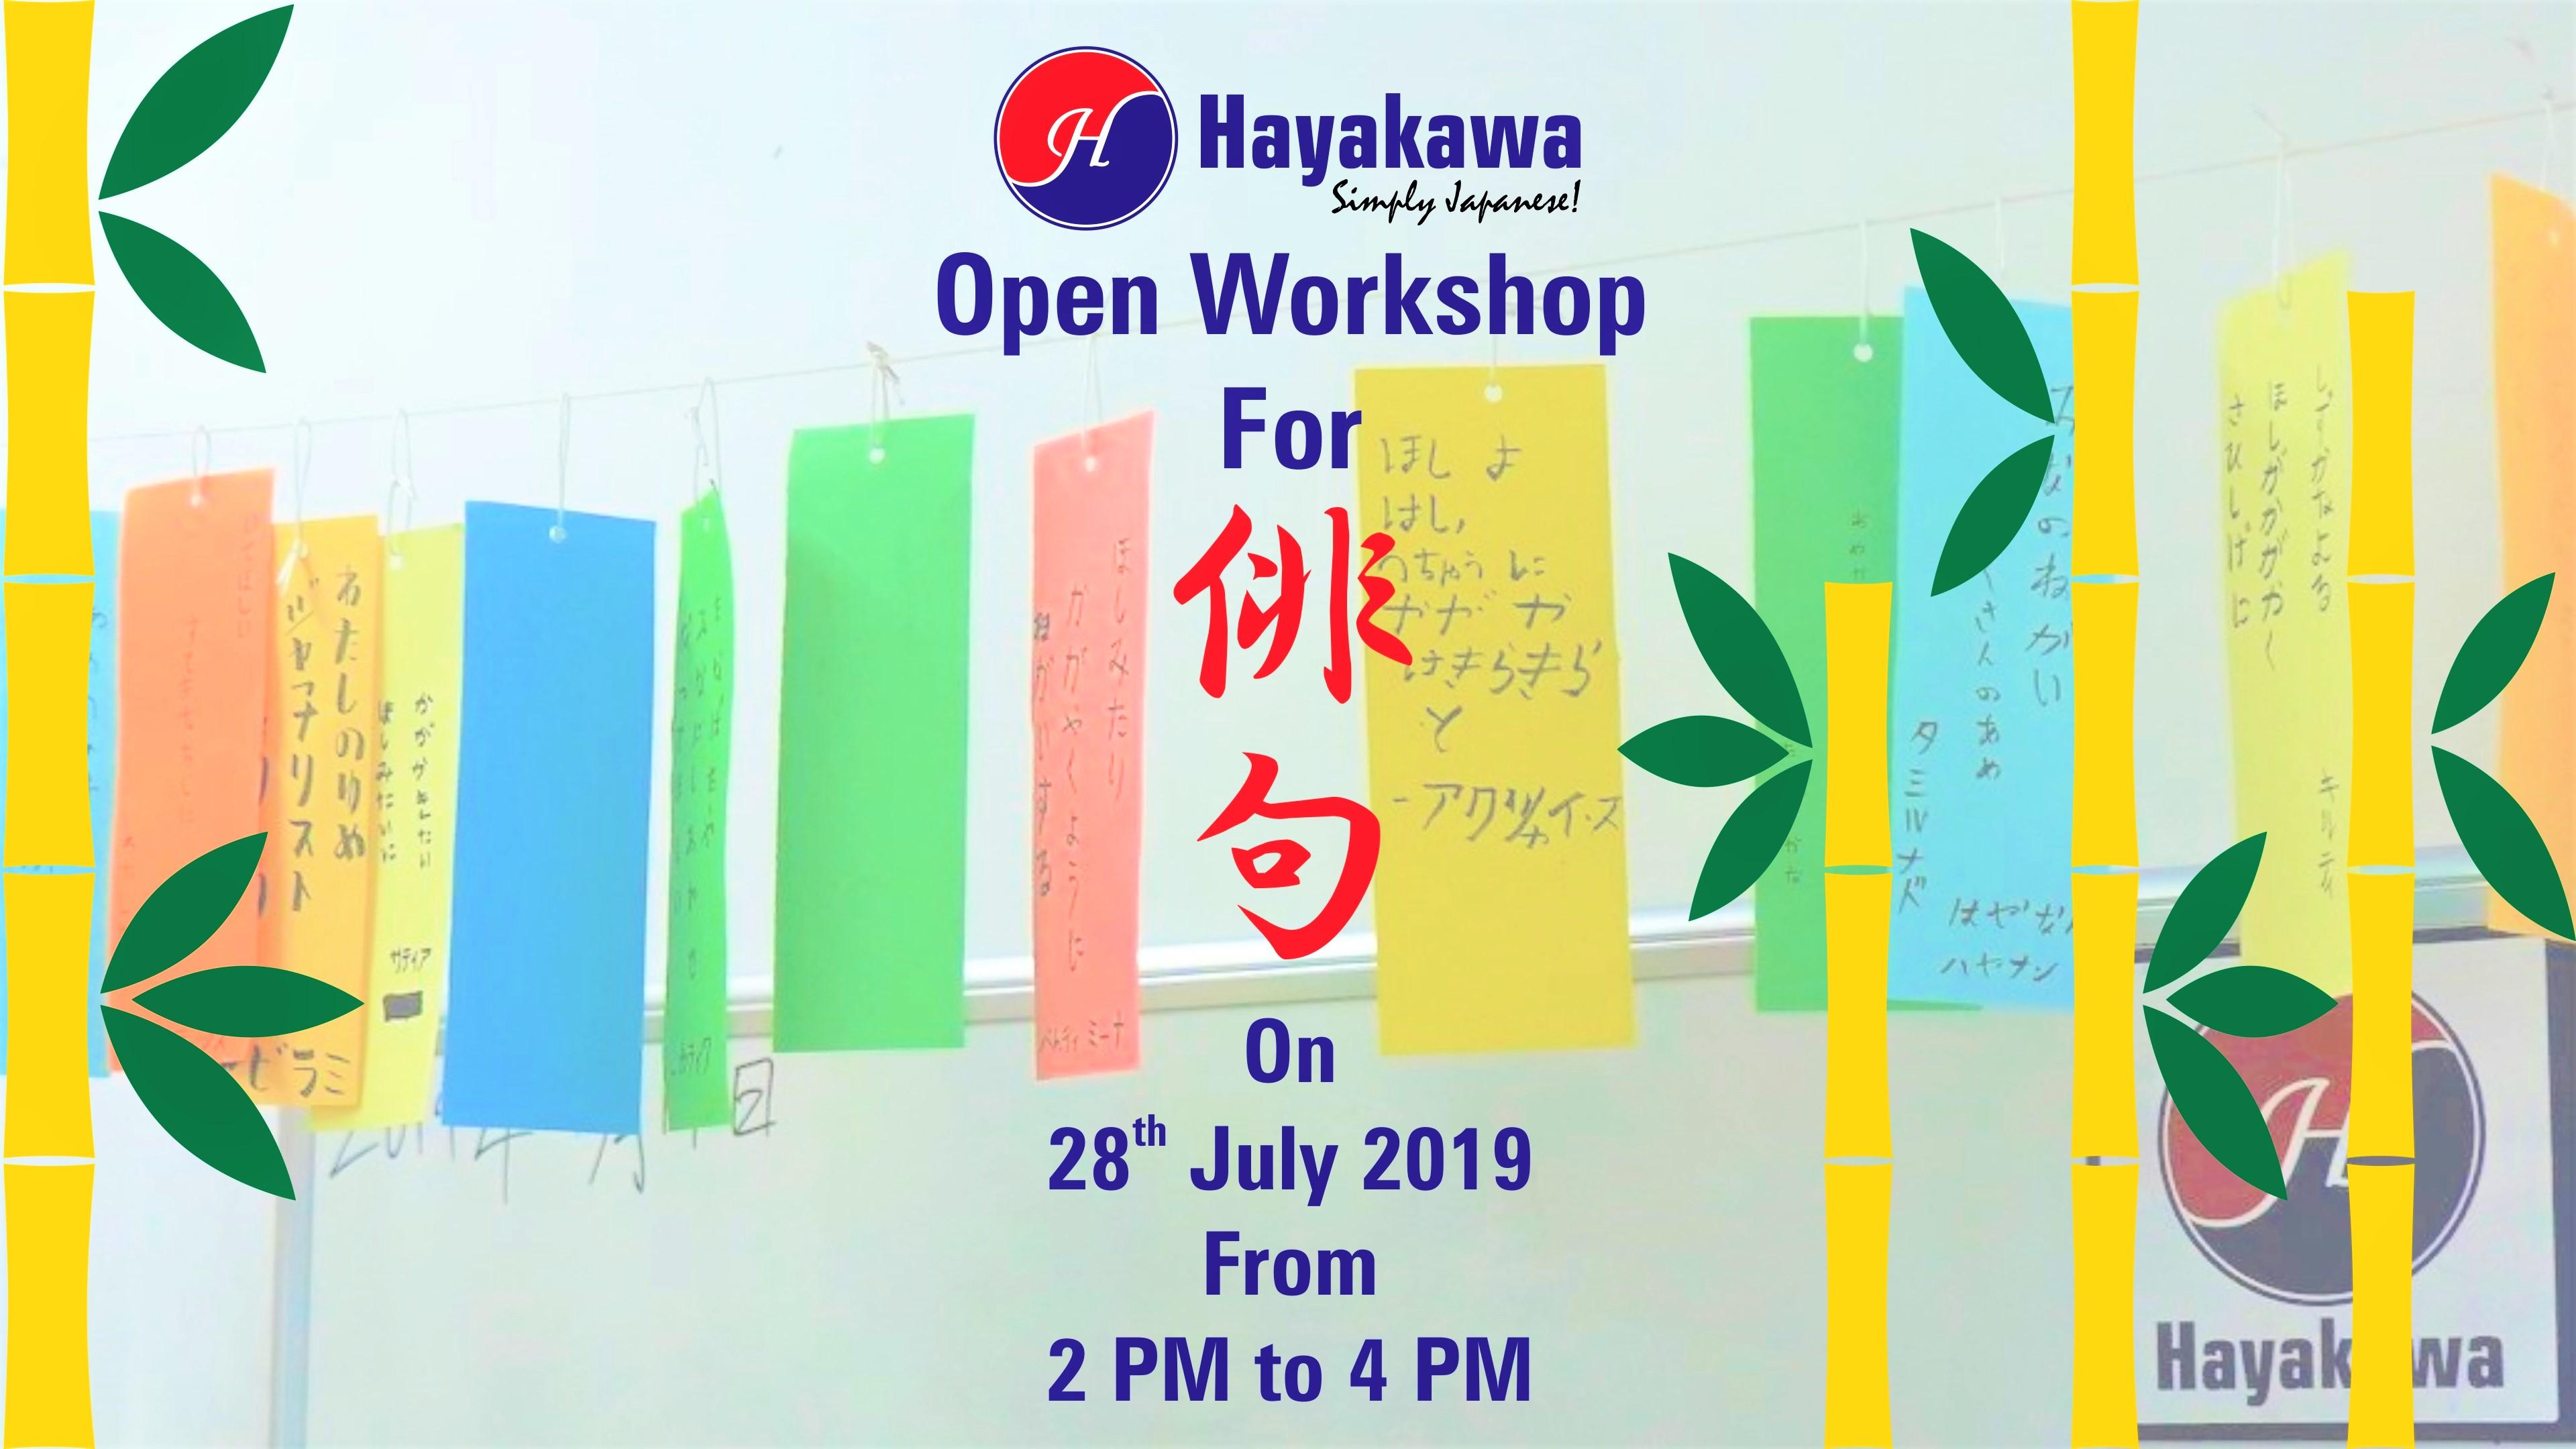 Hayakawa - India's No  1 Japanese Language School - Chennai